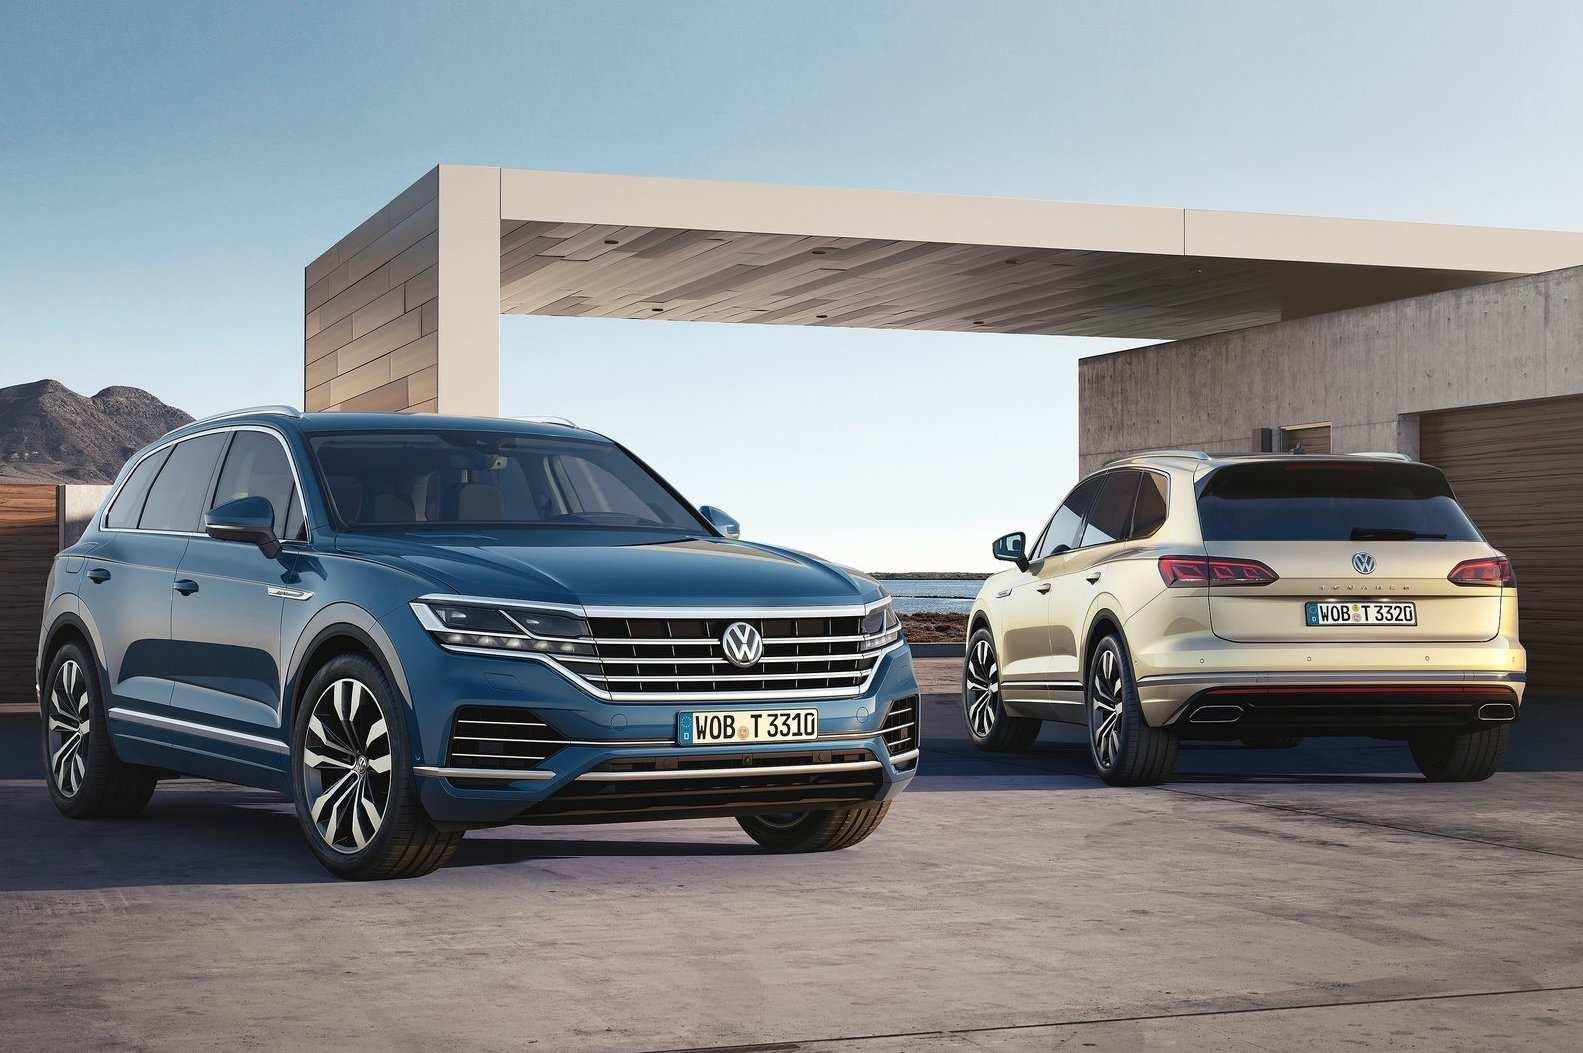 51 All New Volkswagen 2019 Lineup Spesification for Volkswagen 2019 Lineup